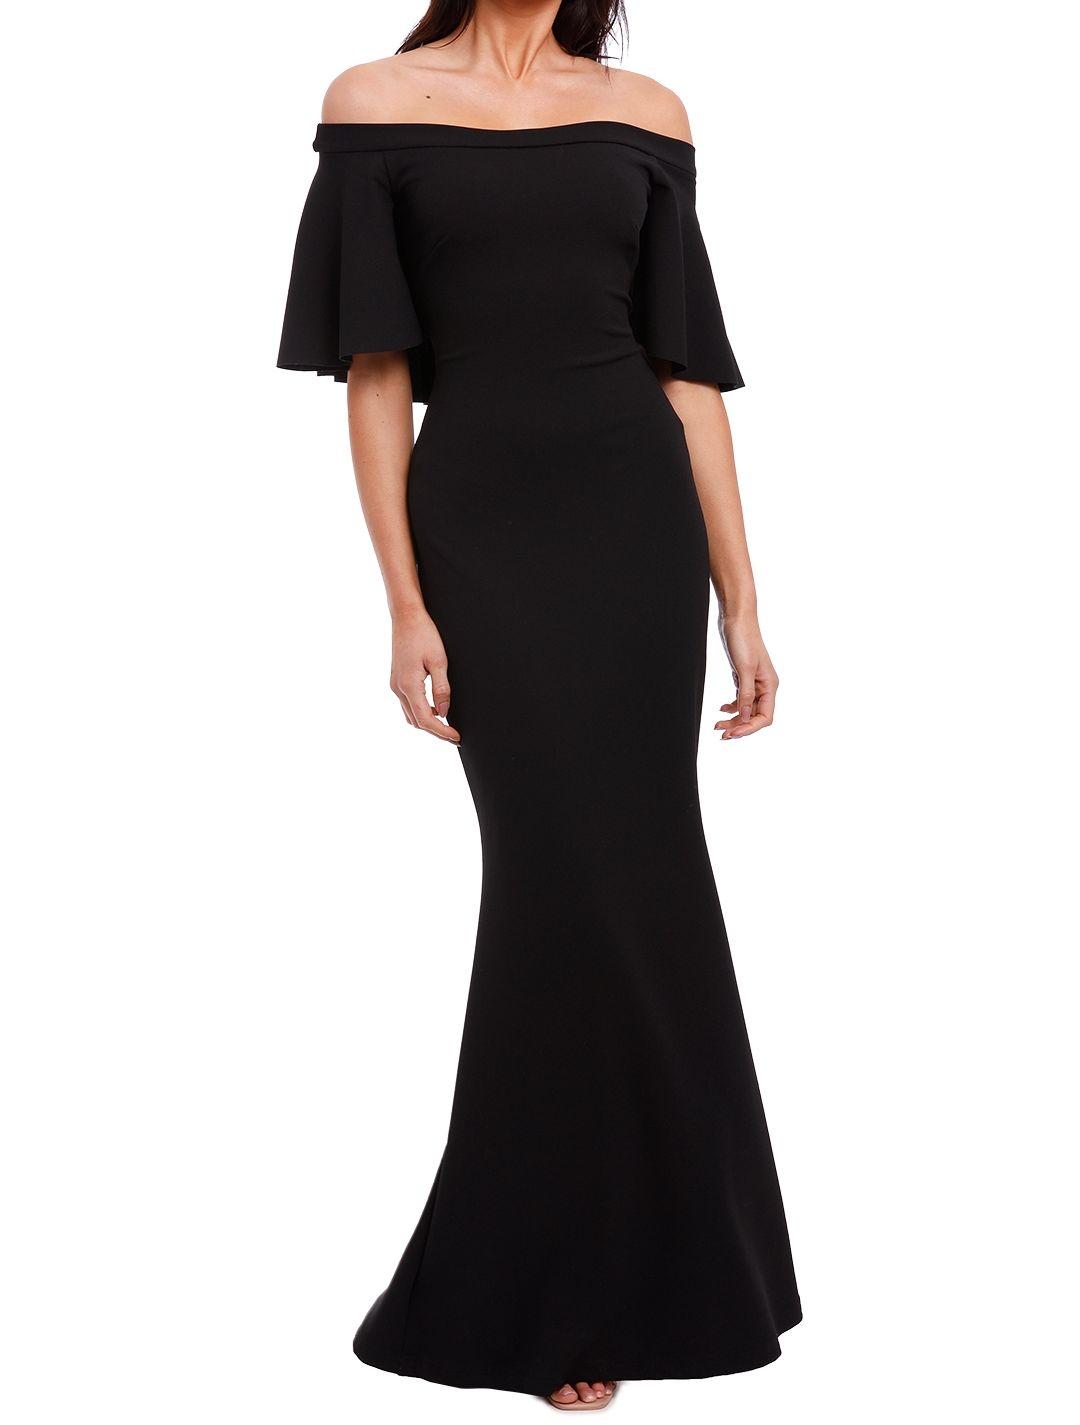 Pasduchas Envogue Gown Black